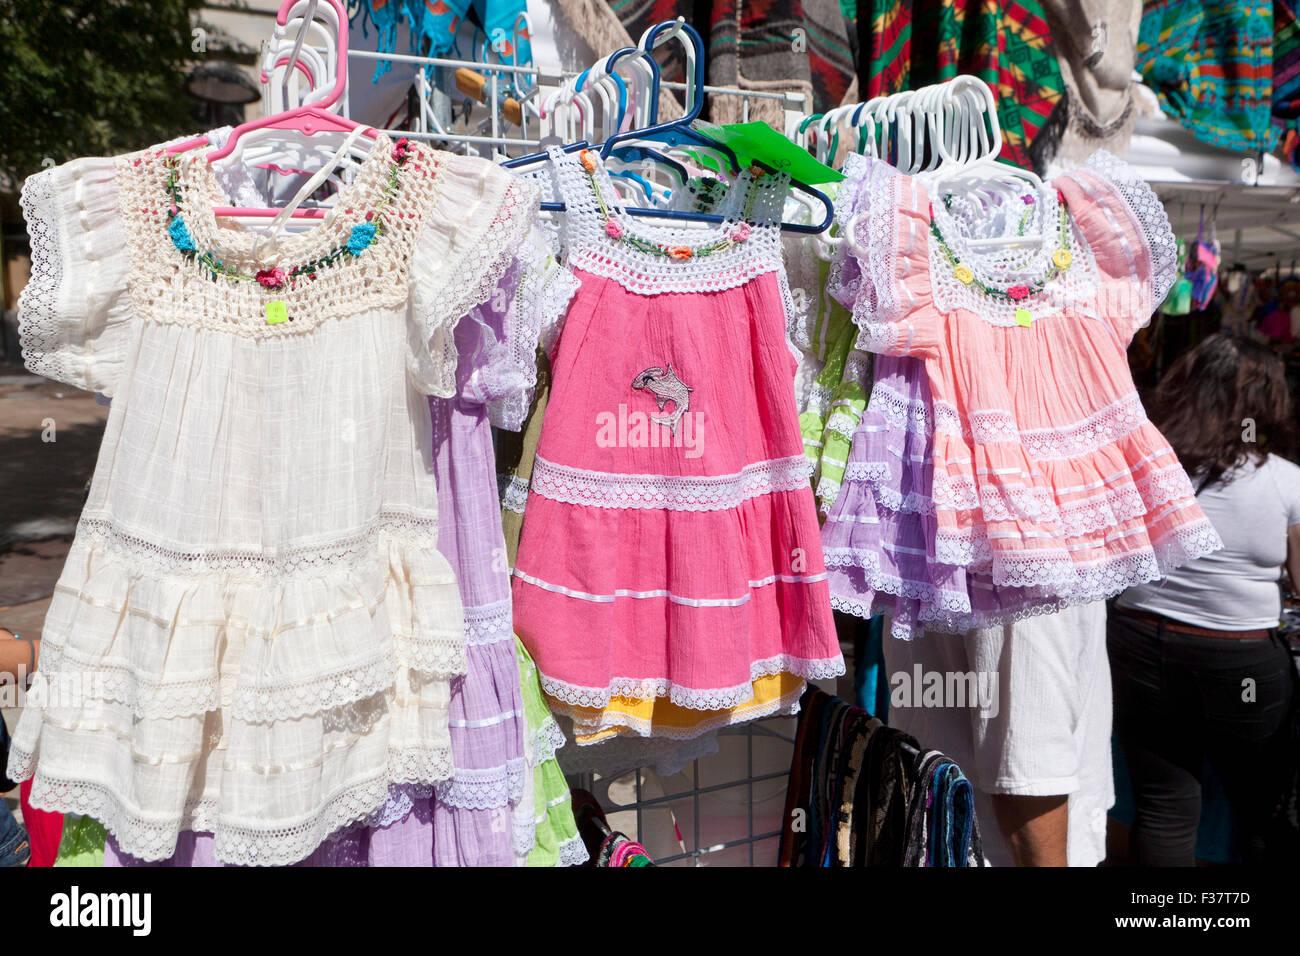 Summer Dresses Imágenes De Stock & Summer Dresses Fotos De Stock - Alamy